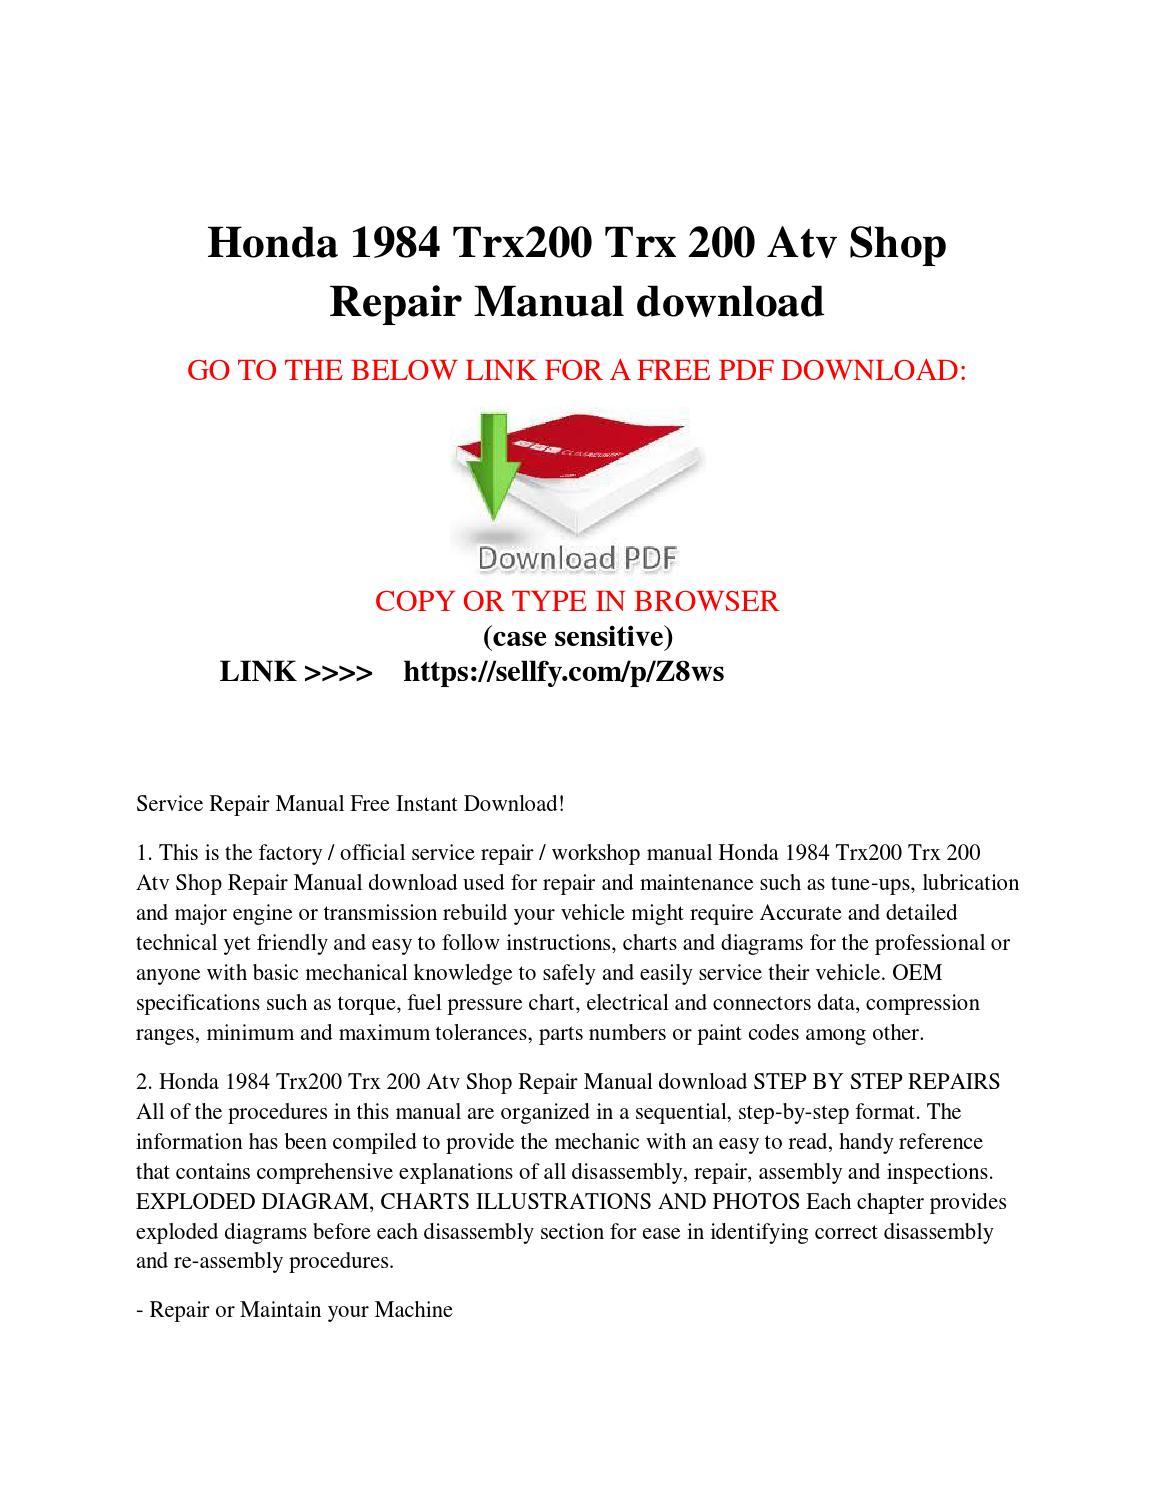 Honda 1984 Trx200 Trx 200 Atv Shop Repair Manual Free